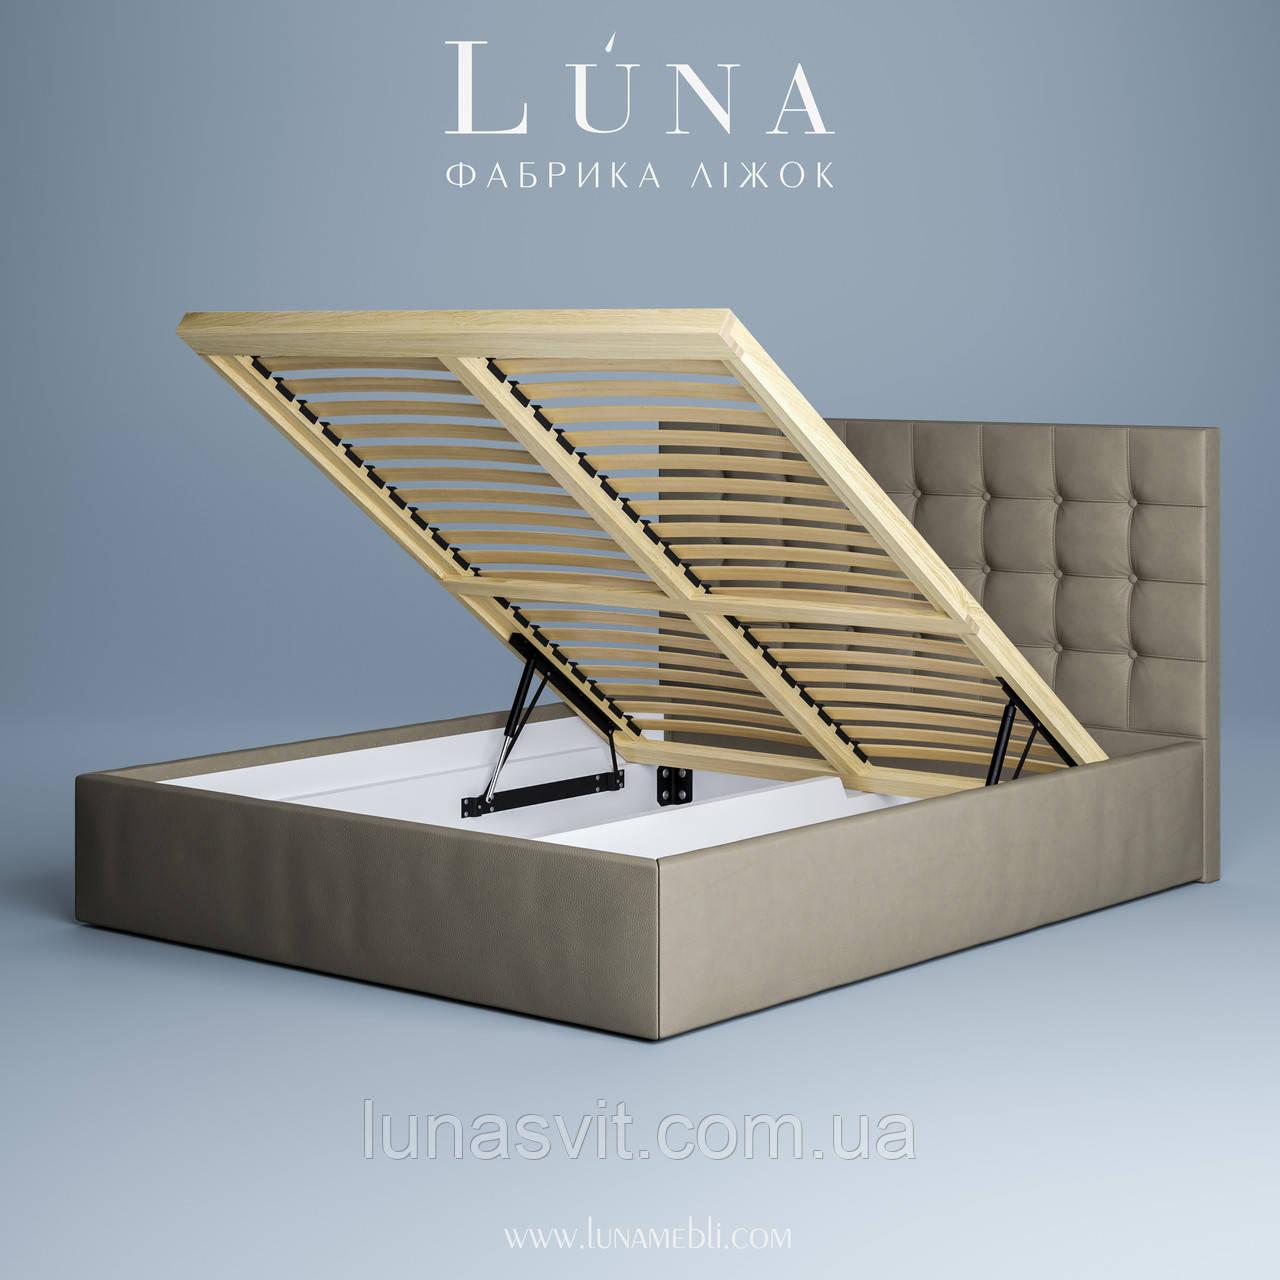 кровать двуспальная мягкая бруклін 180200 с подъемным механизмом